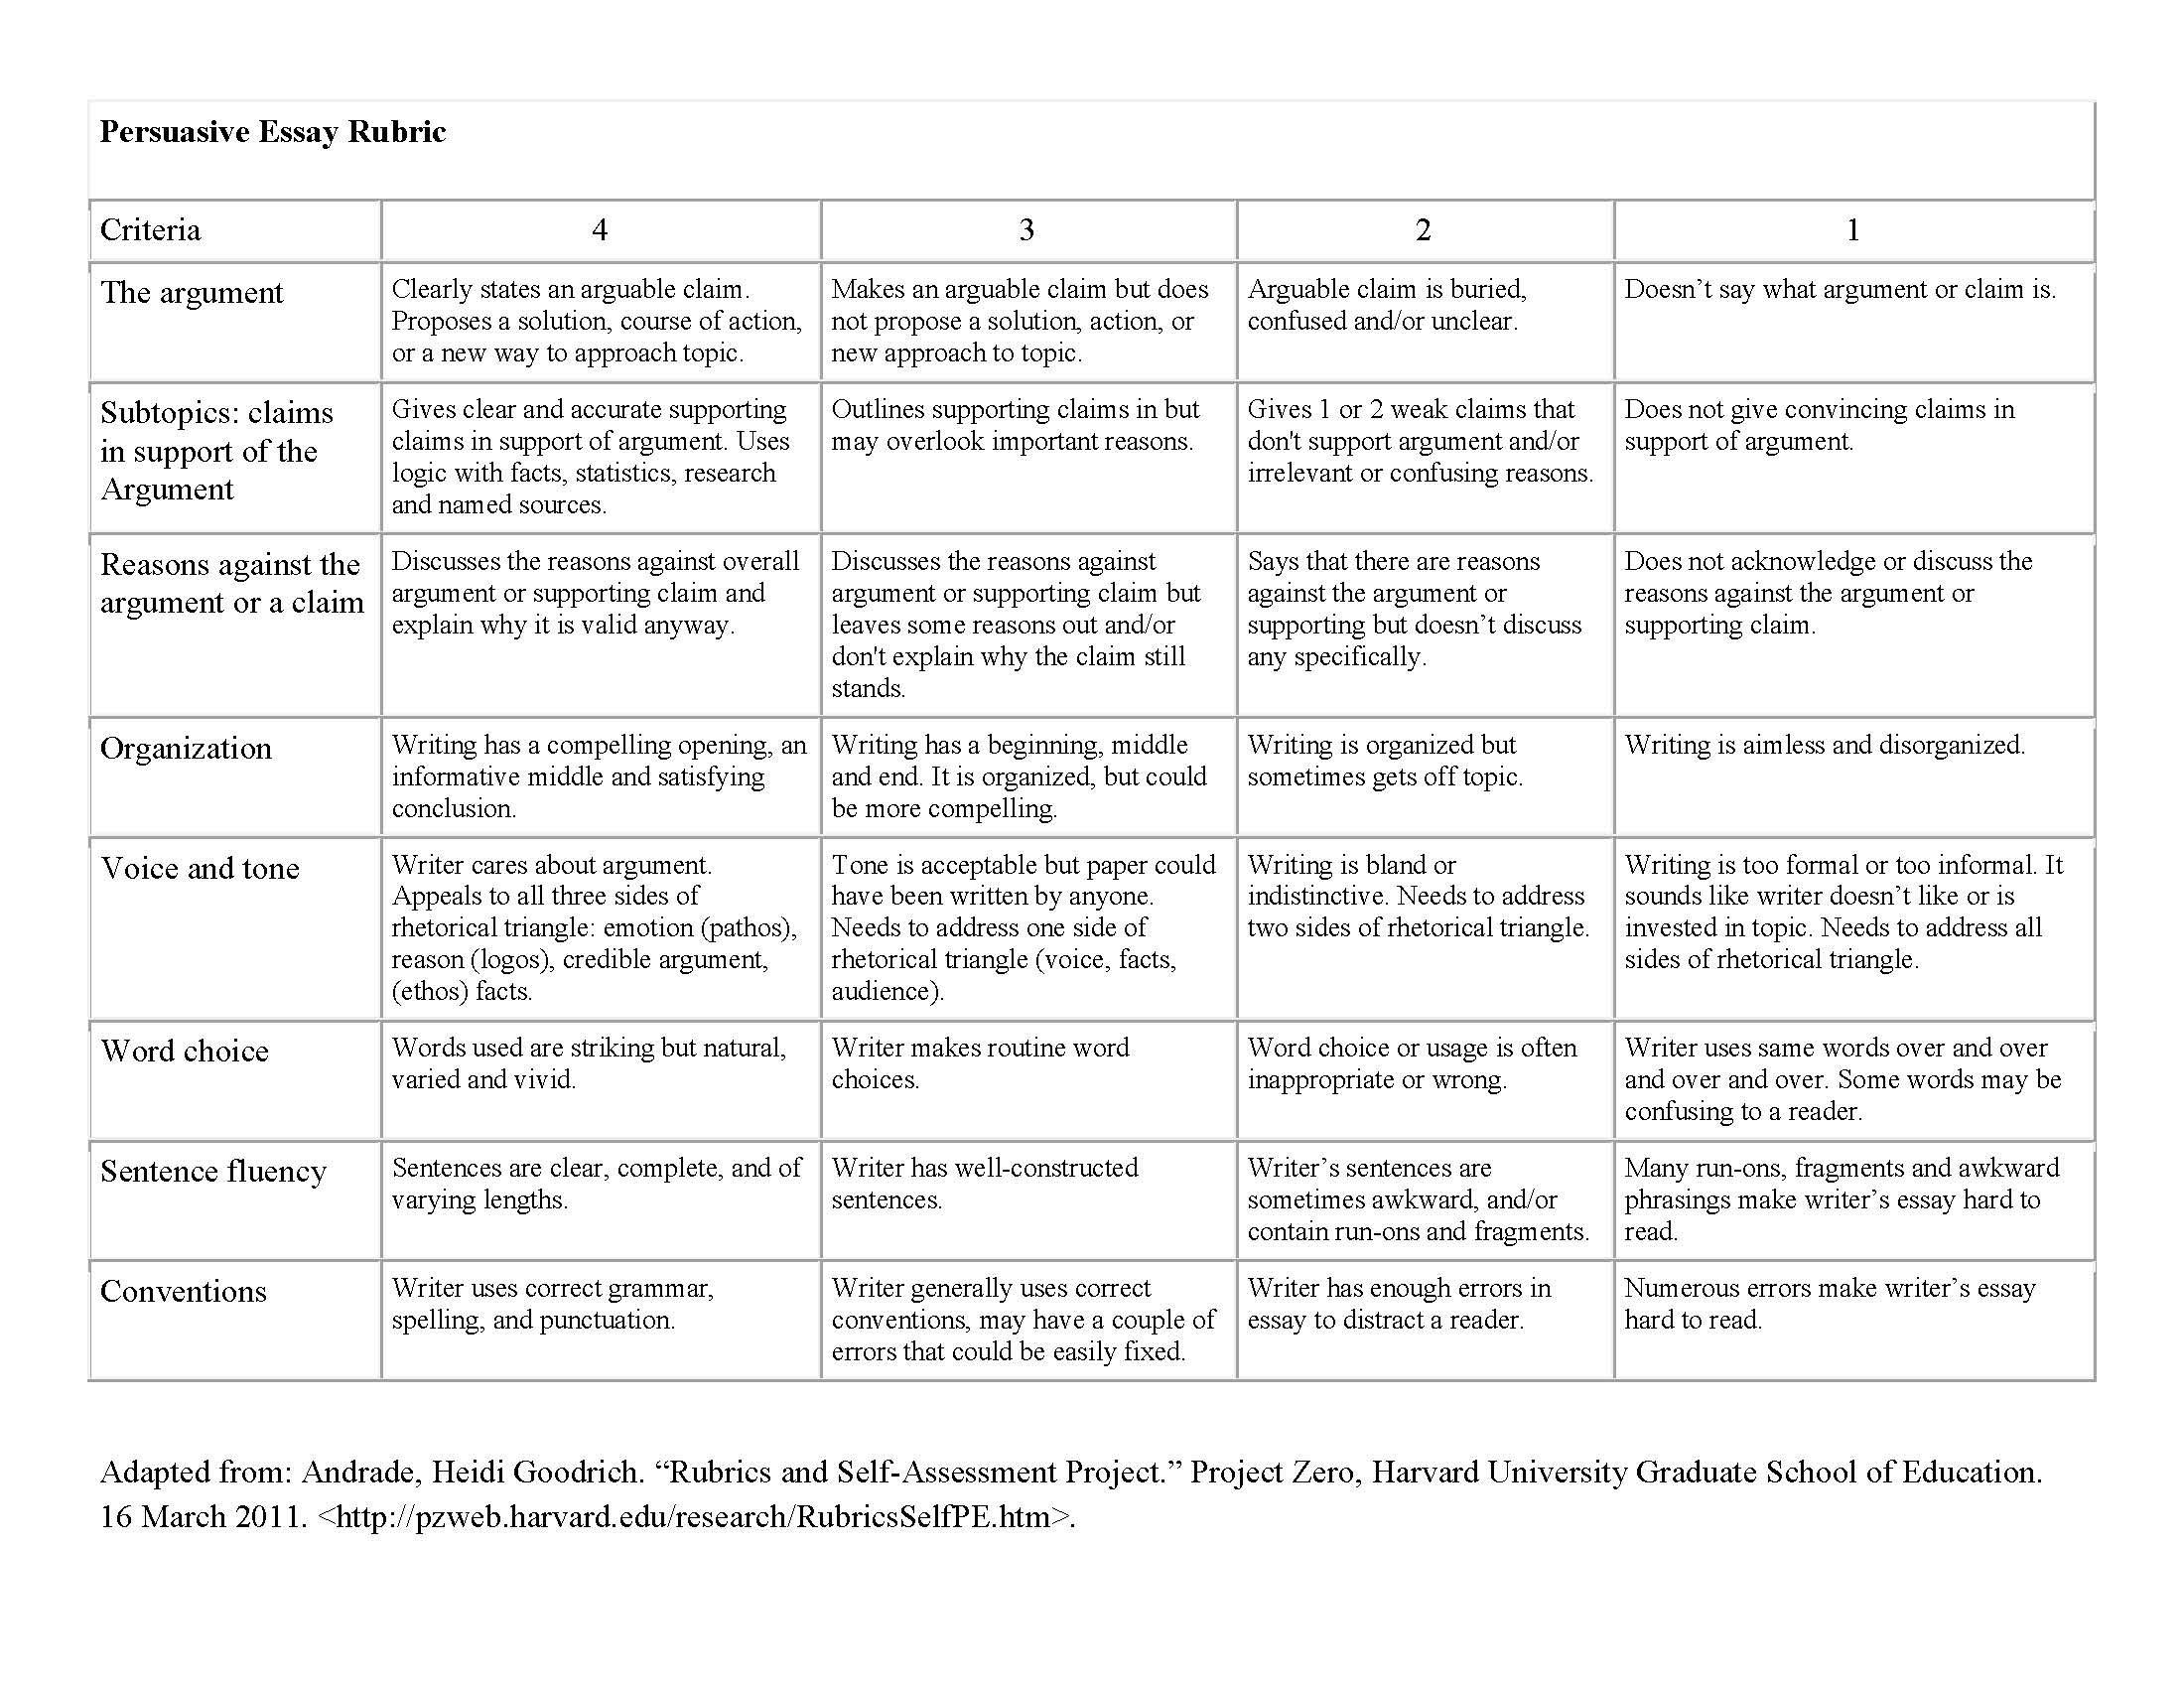 005 Essay Rubric College Handout Persuasive Rubriccbu003d Wonderful Board Narrative Writing Full